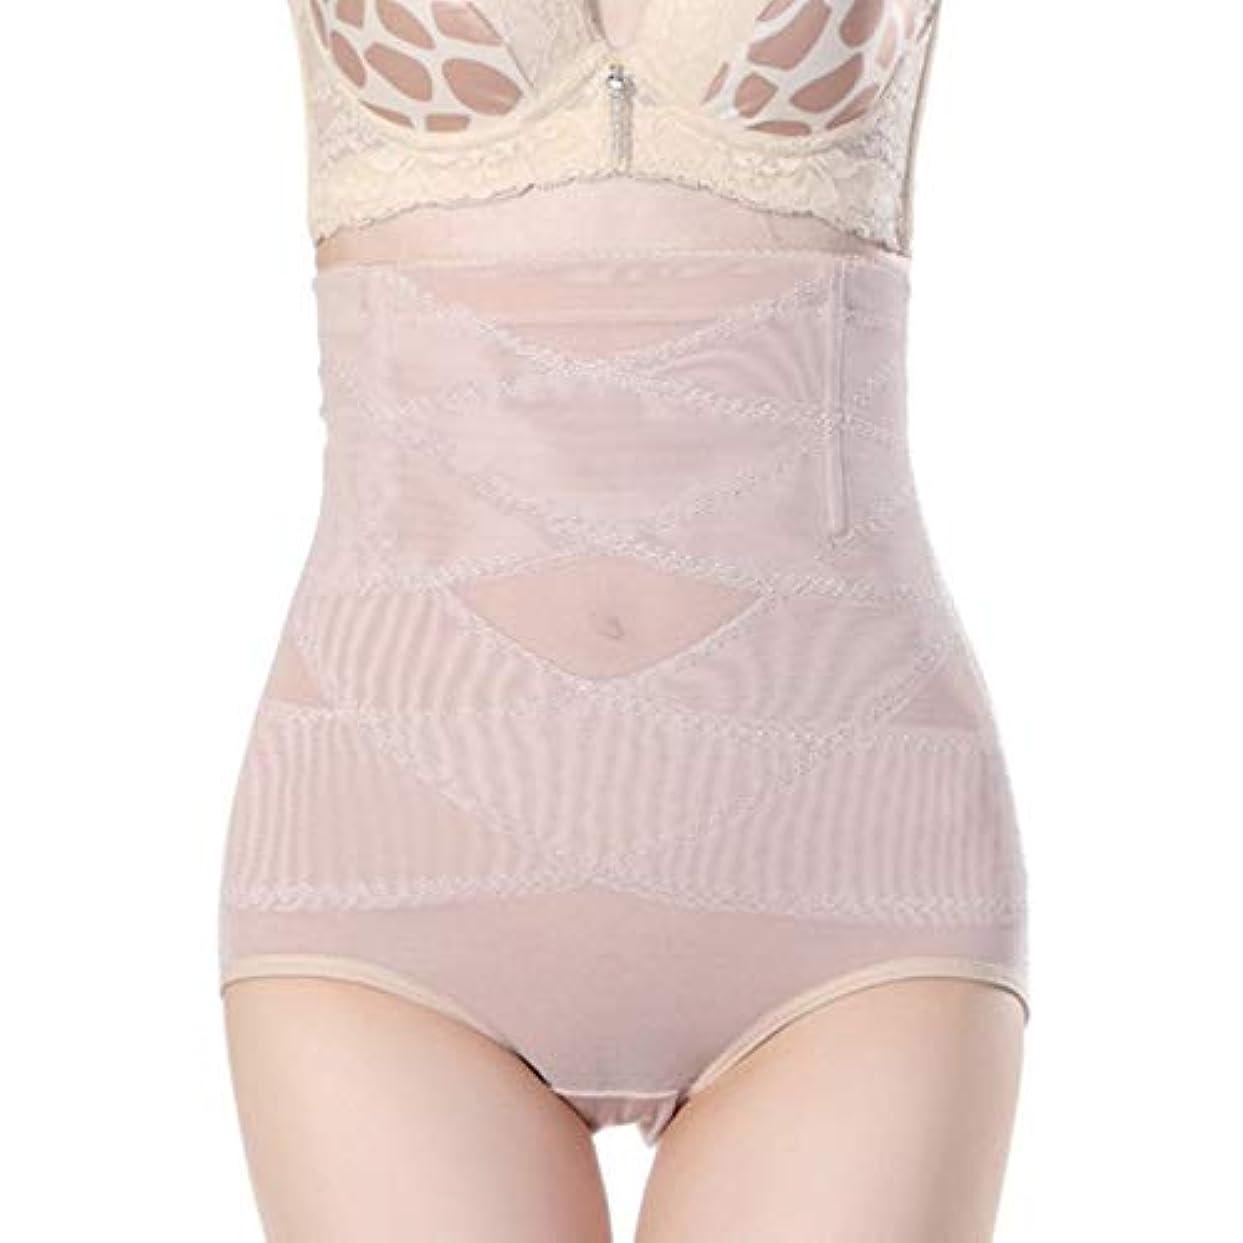 首ピジン再現する腹部制御下着シームレスおなかコントロールパンティーバットリフターボディシェイパーを痩身通気性のハイウエストの女性 - 肌色2 XL